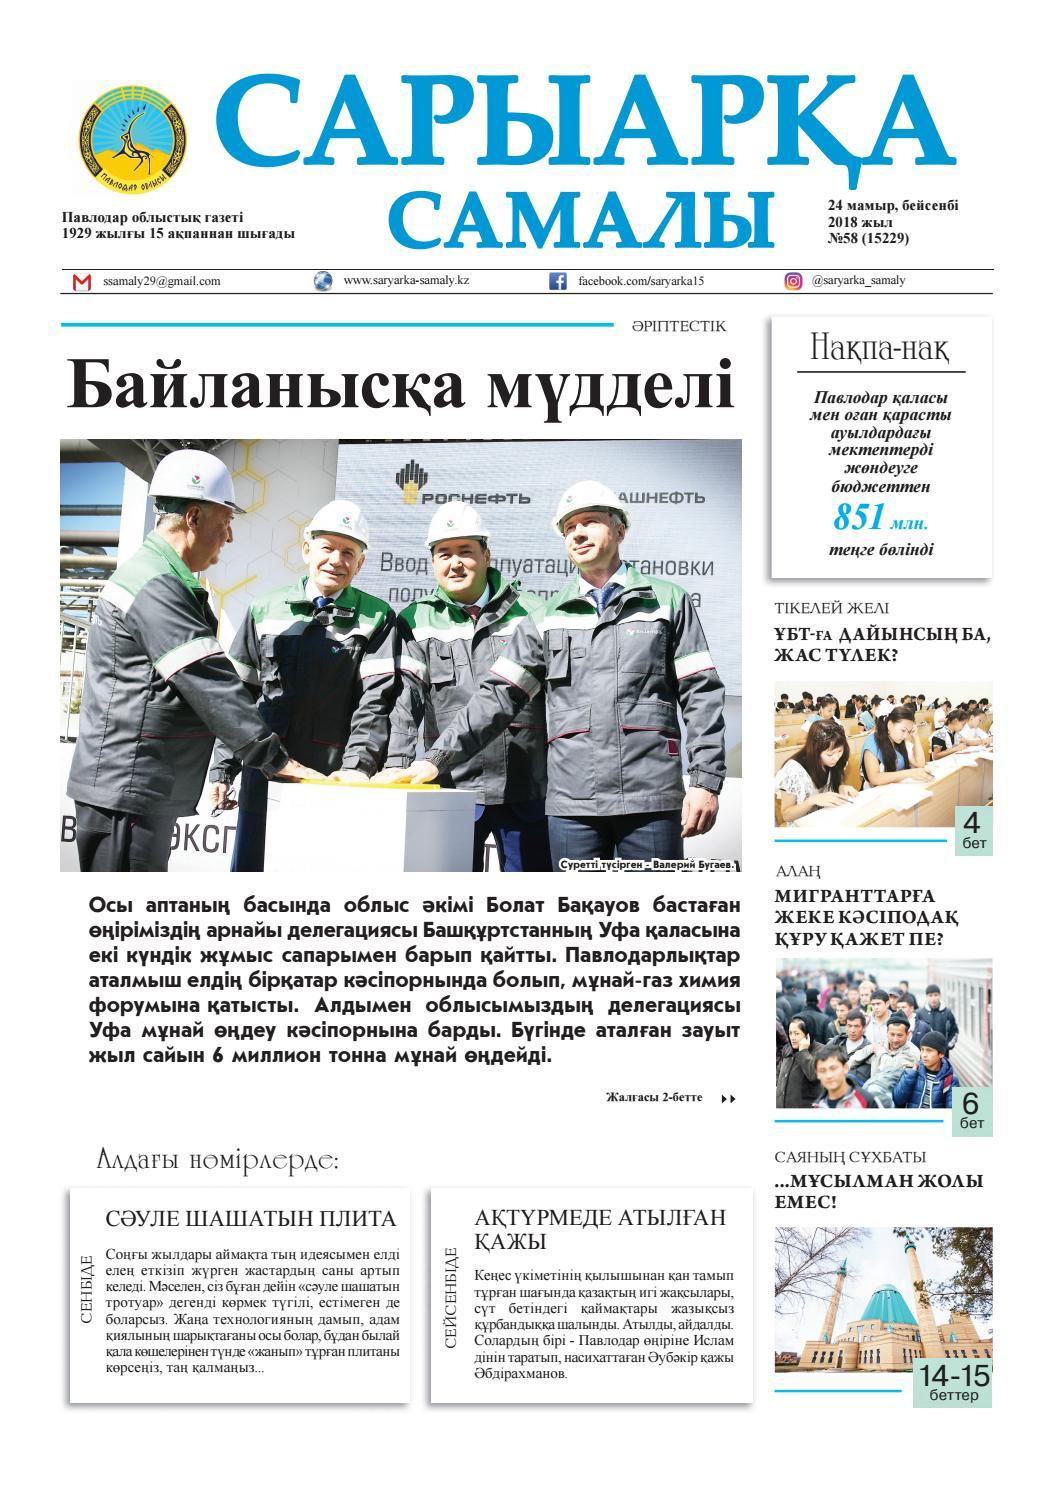 ақша үшін орыс лотереясын ойнау ережелері